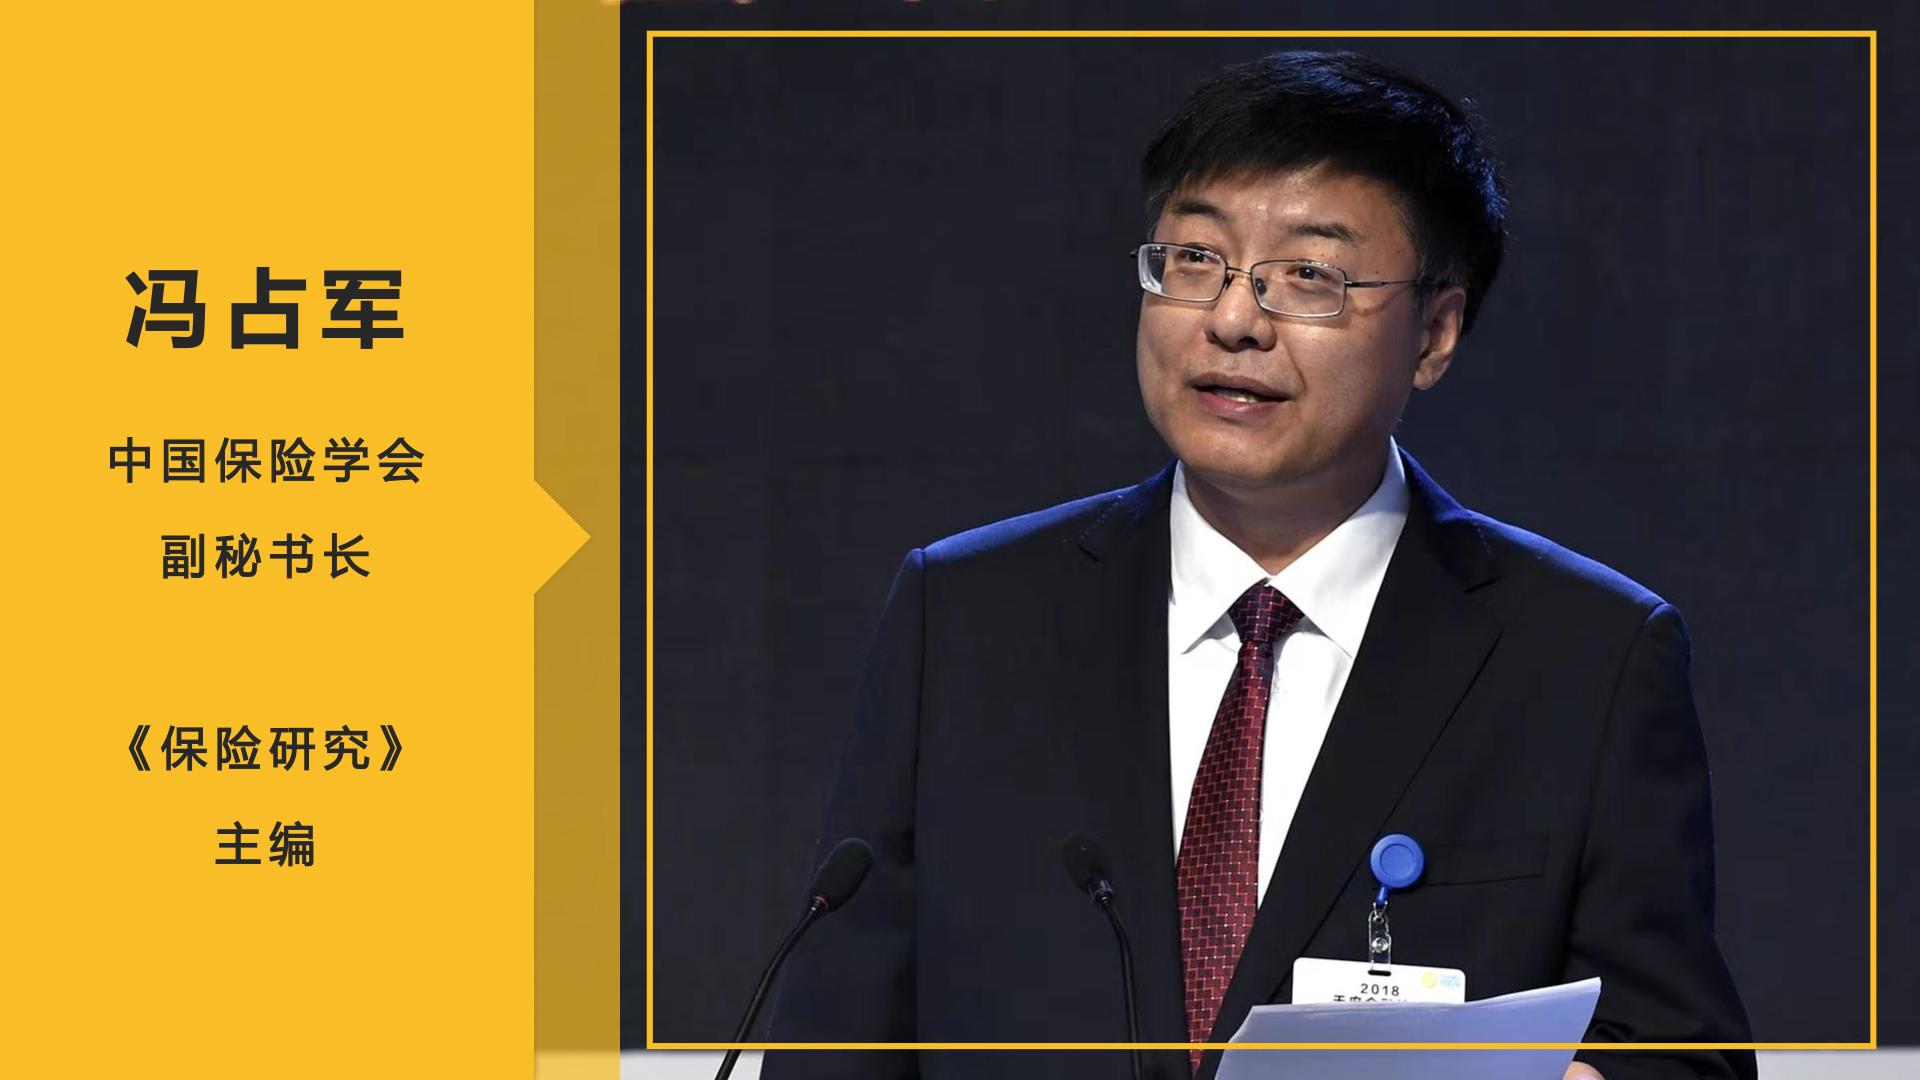 冯占军:新技术推动下保险业务将发生巨大变化